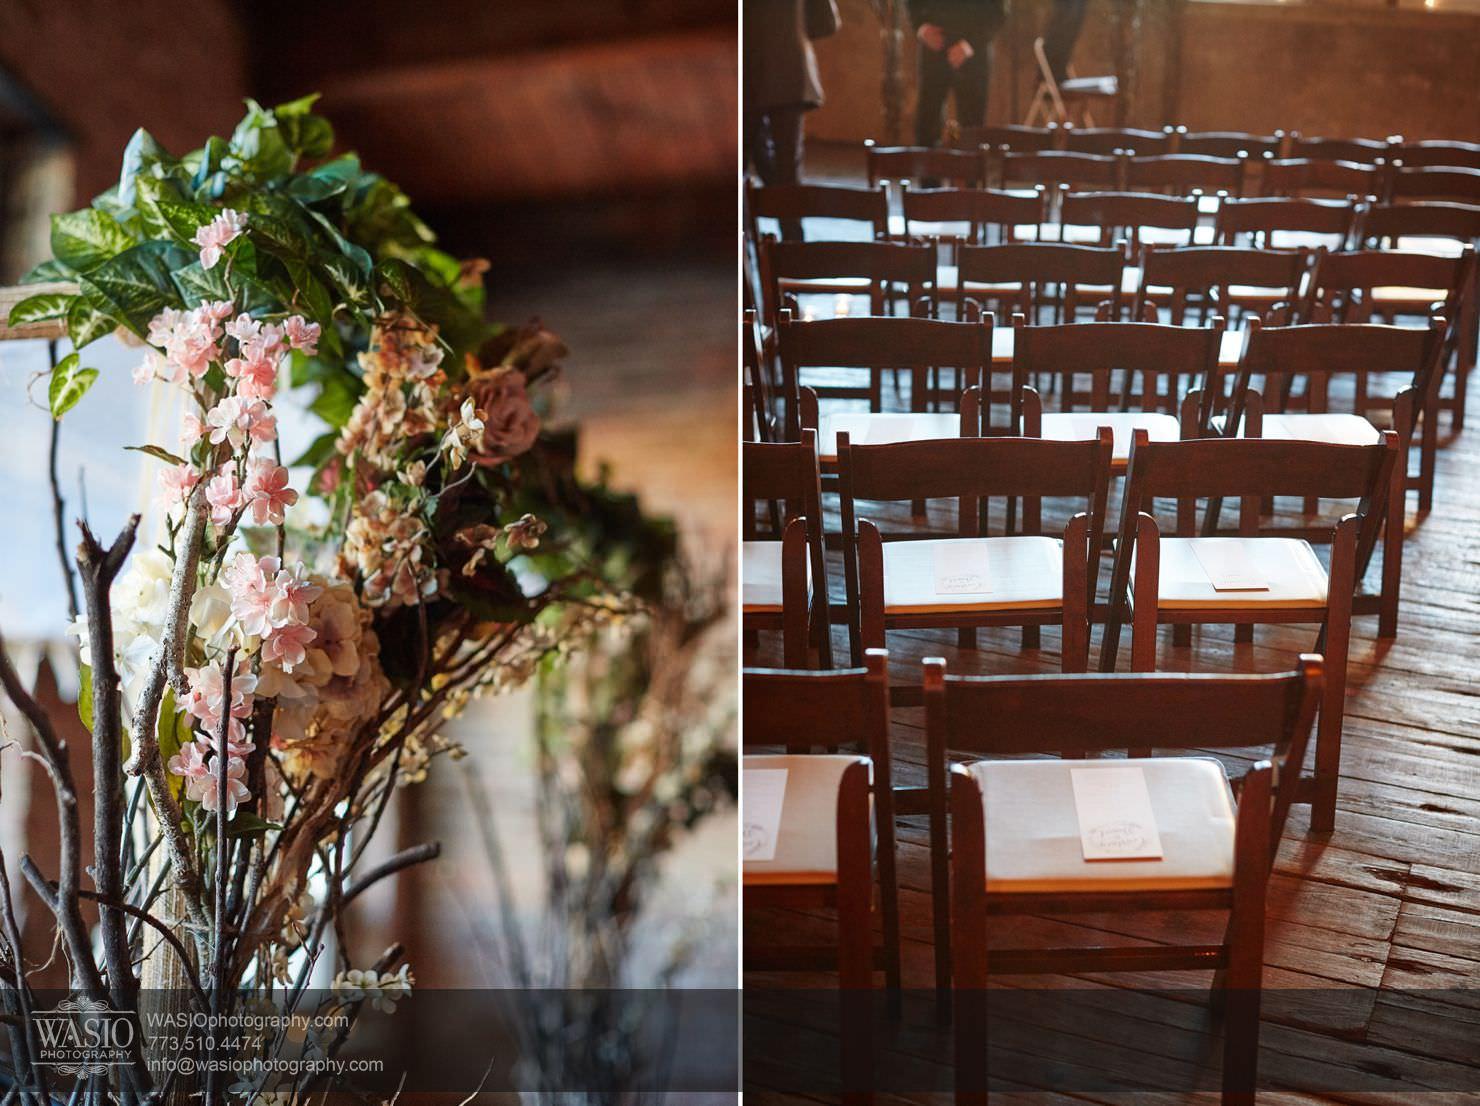 26_Chicago-Gallery-Wedding_04 Chicago Gallery Wedding - Courtney + Danny